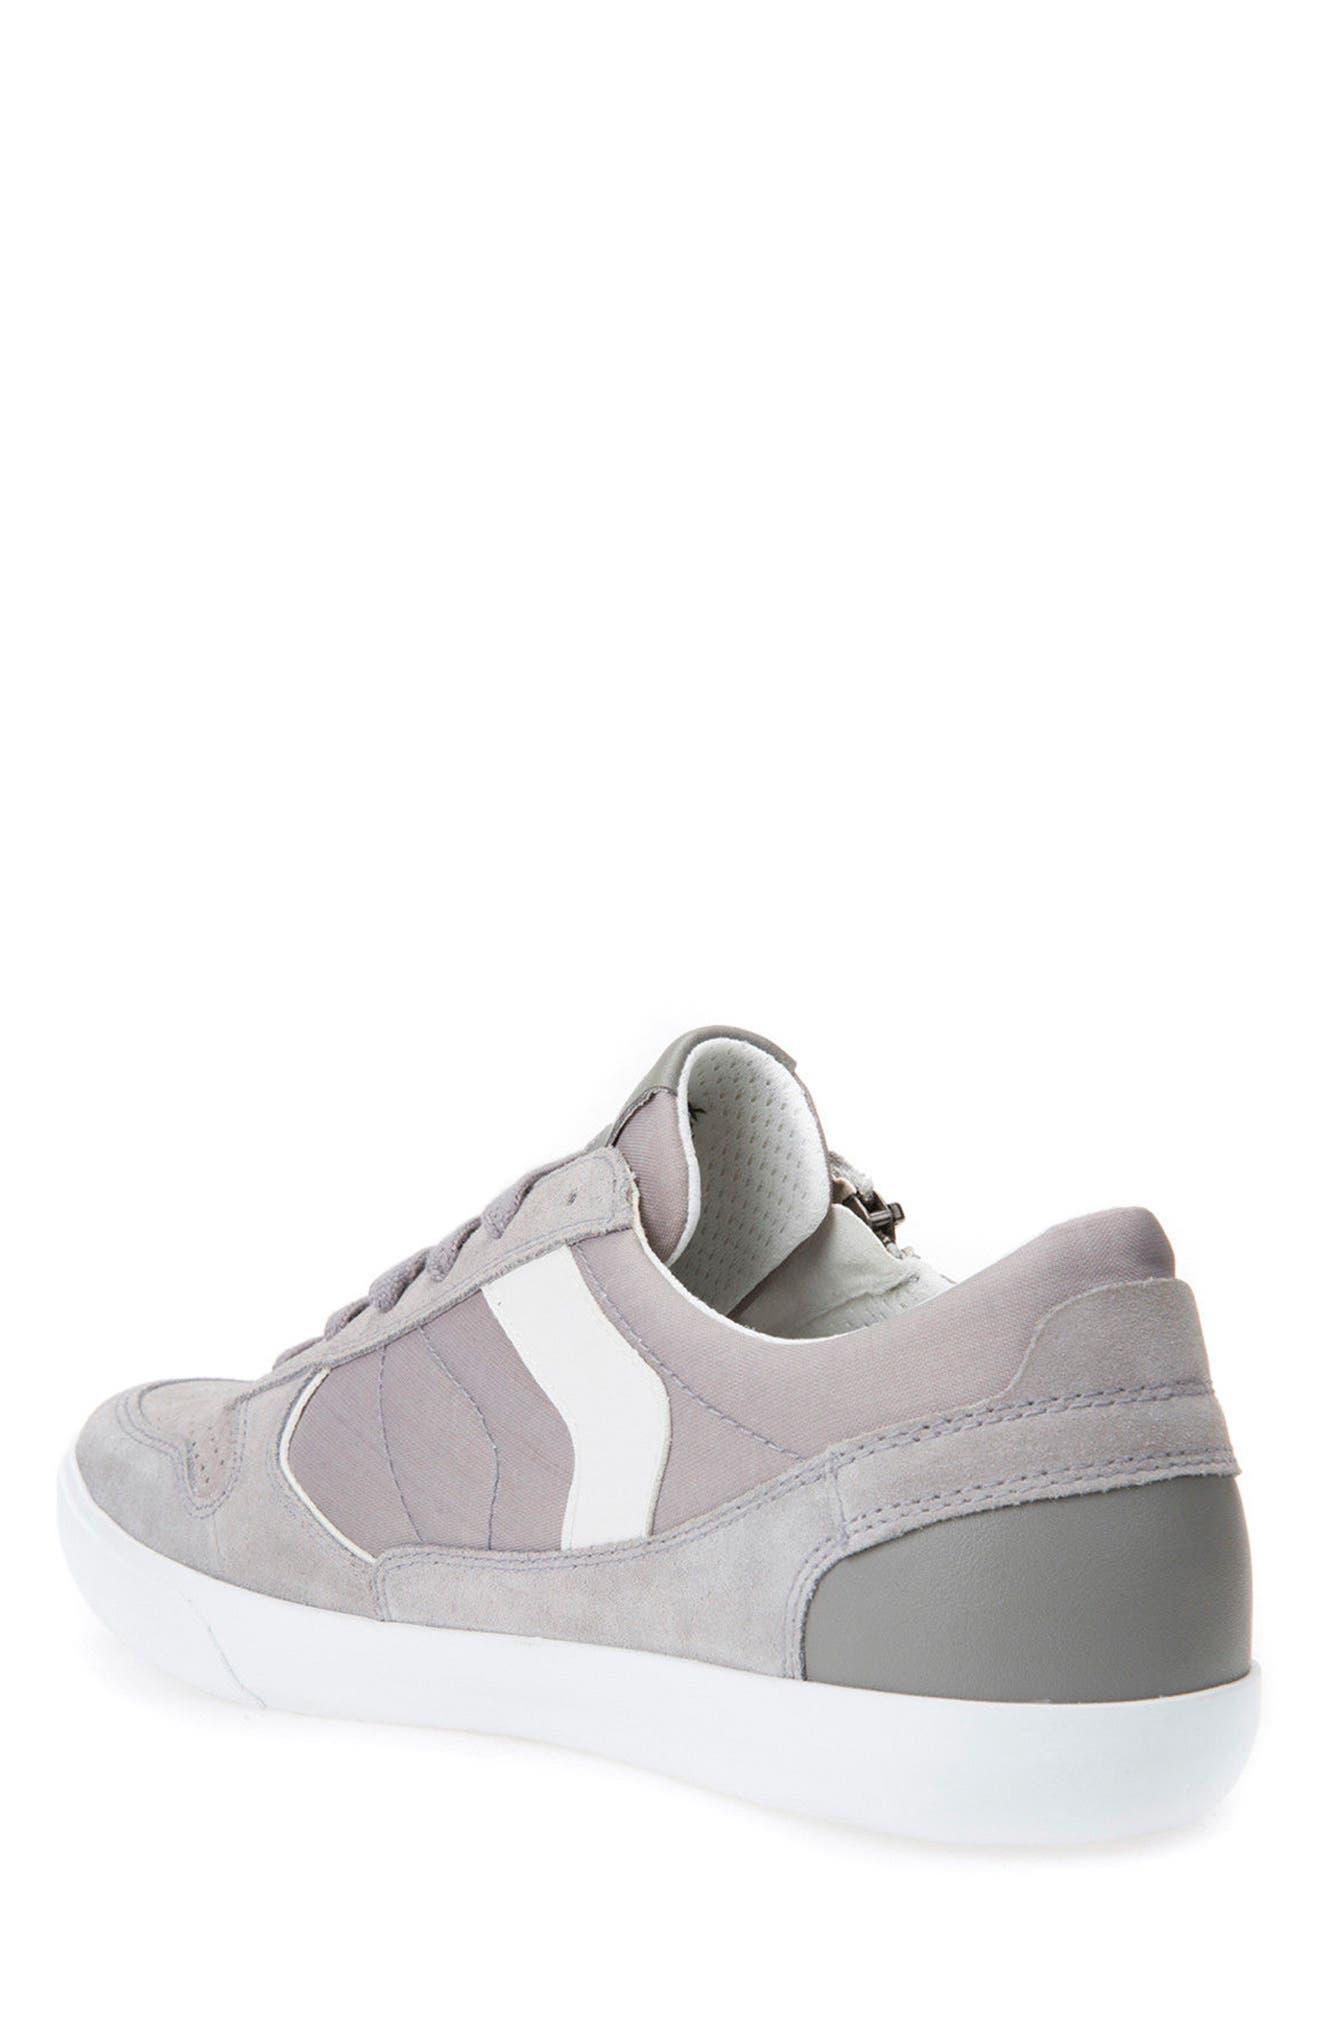 Box 33 Low Top Zip Sneaker,                             Alternate thumbnail 2, color,                             030